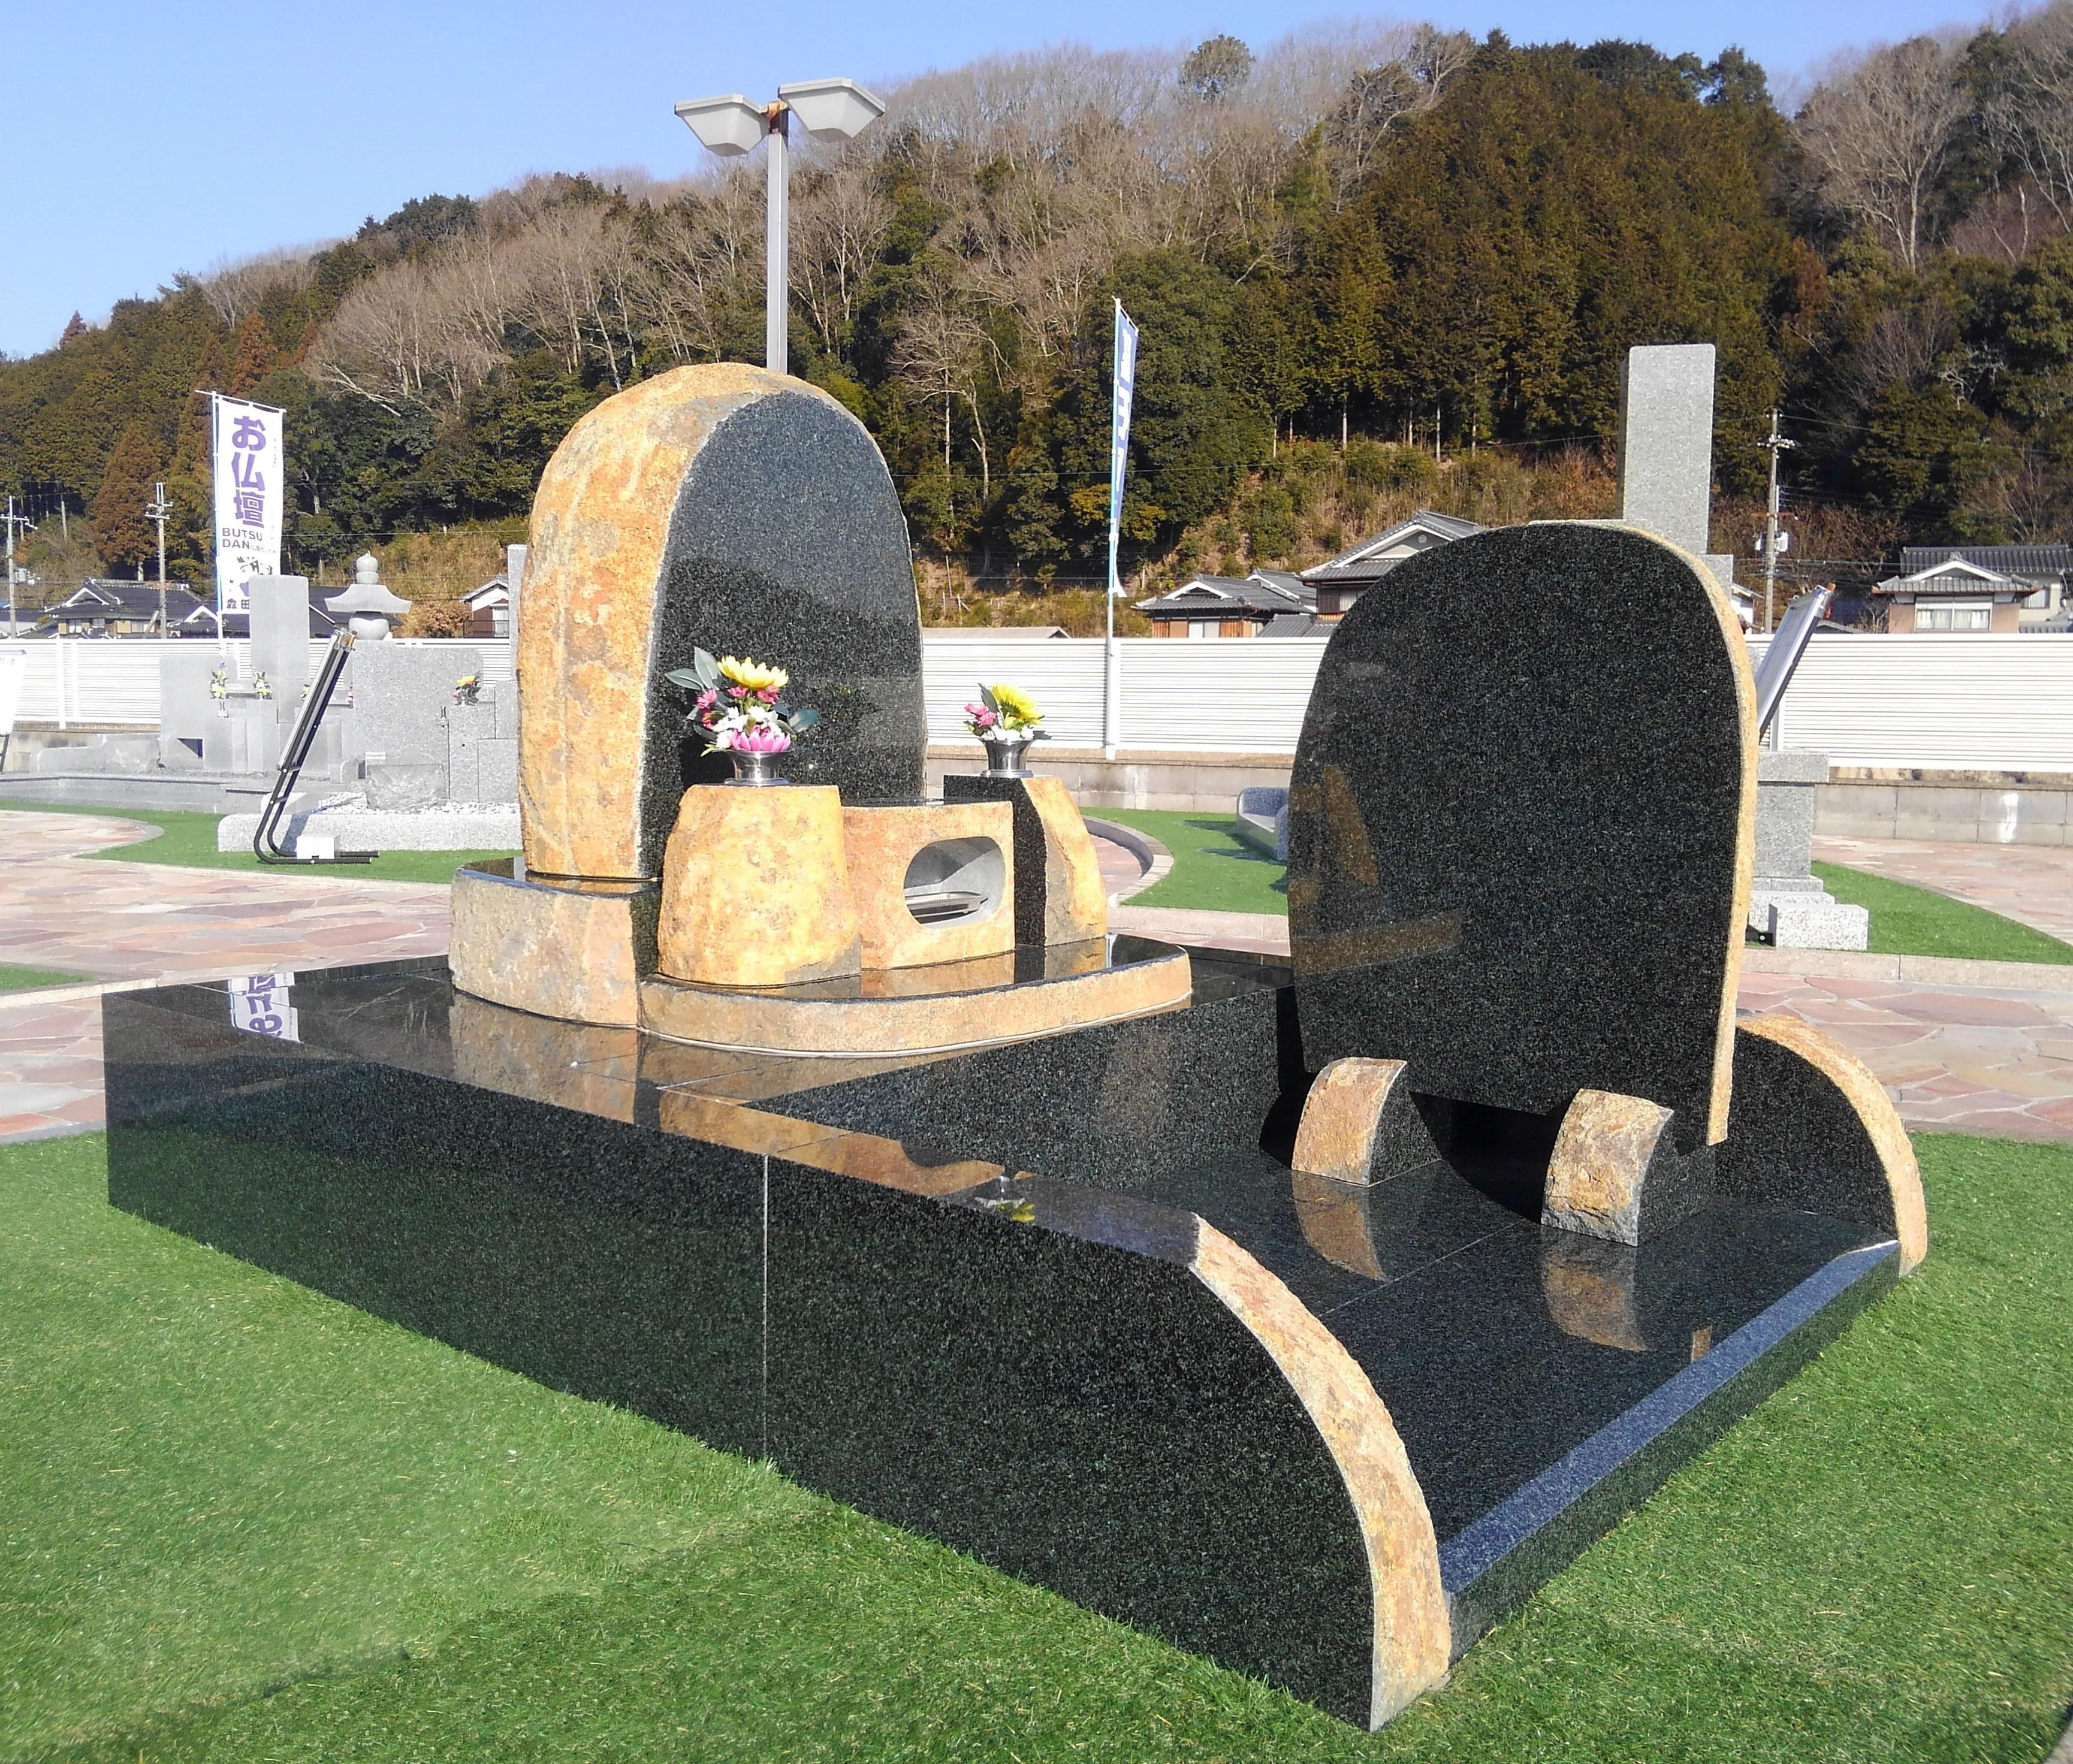 https://www.morita-stone.co.jp/weblog/img/20180209-01.JPG